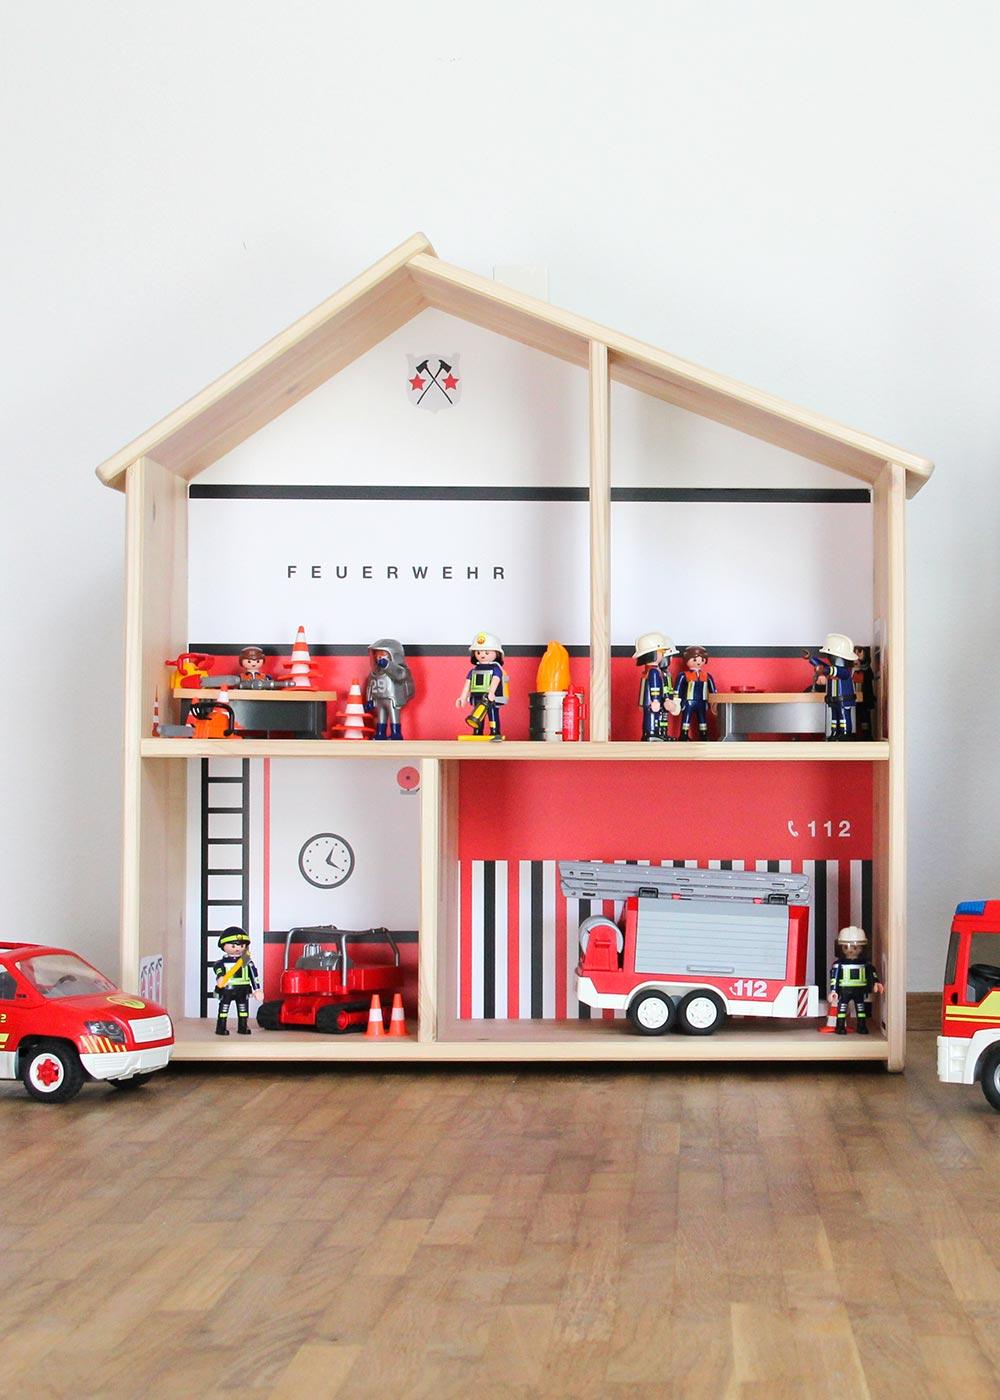 Ikea Flisat Puppenhaus Tapete Feuerwehr Frontansicht